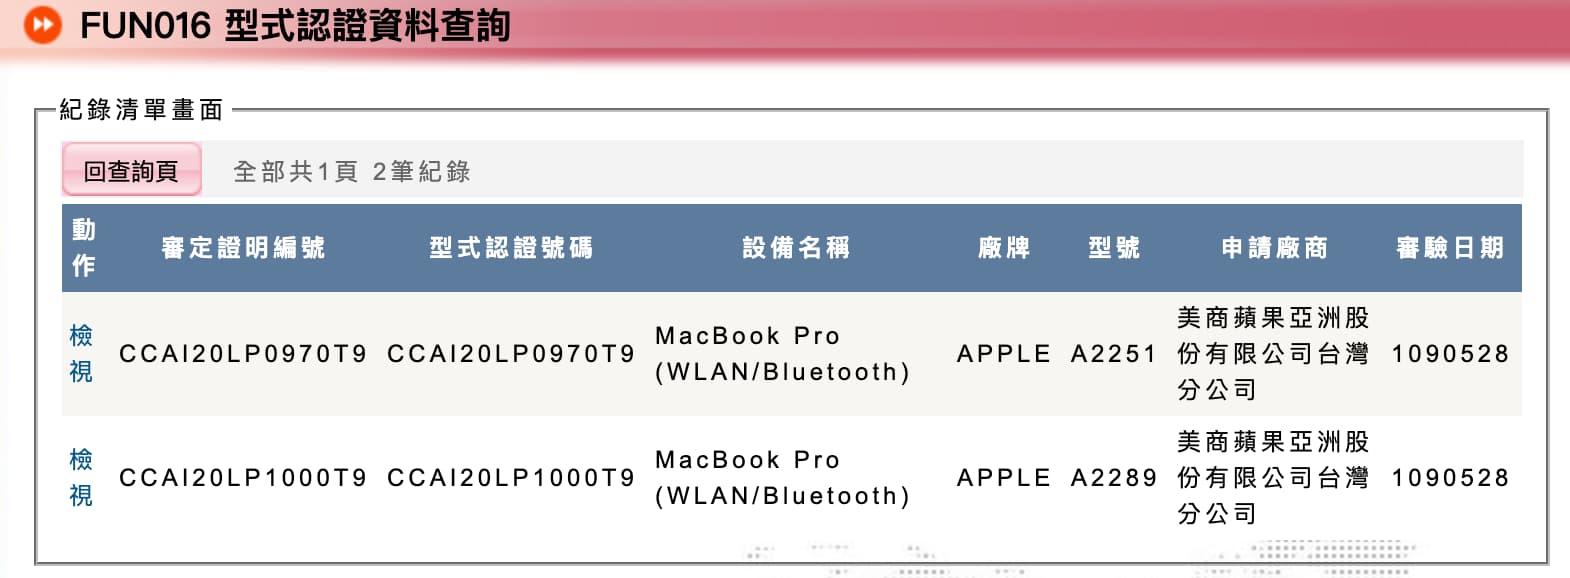 Macbook Pro 2020 通過NCC認證,同時曝光兩款新機差異